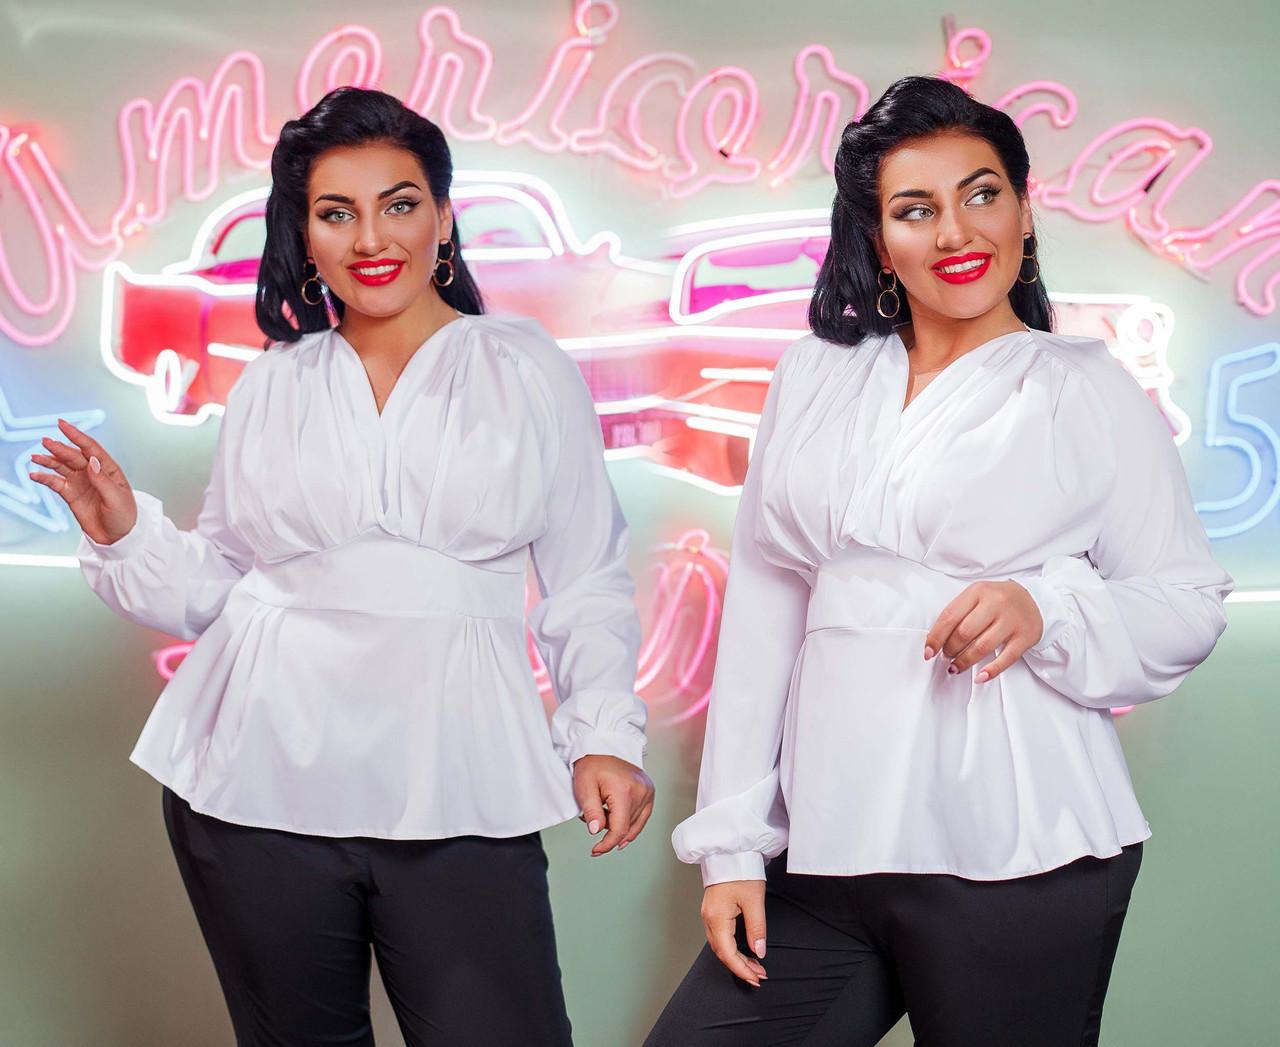 """Стильна ошатна жіноча блузка у великих розмірах """"Софт Баска Драпірування Кокетка"""" в кольорах (DG-ак 0391)"""